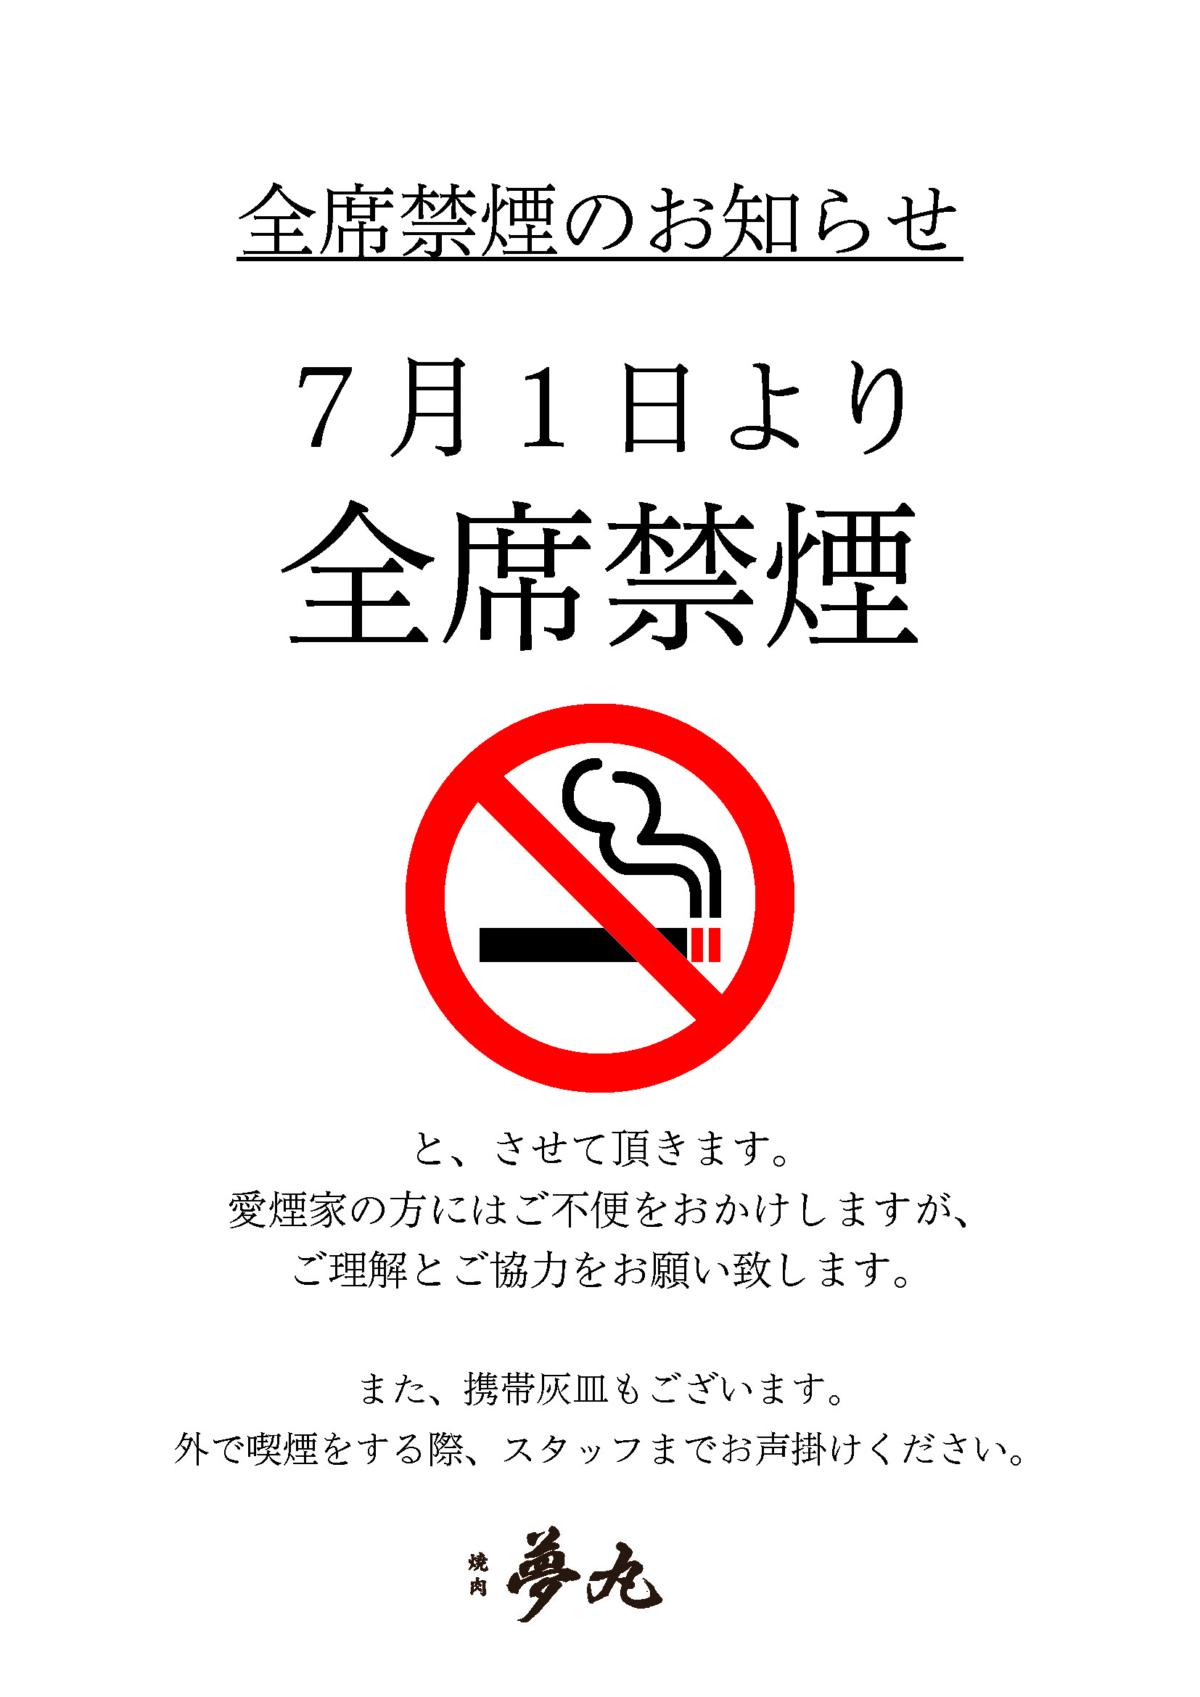 全席禁煙のお知らせ